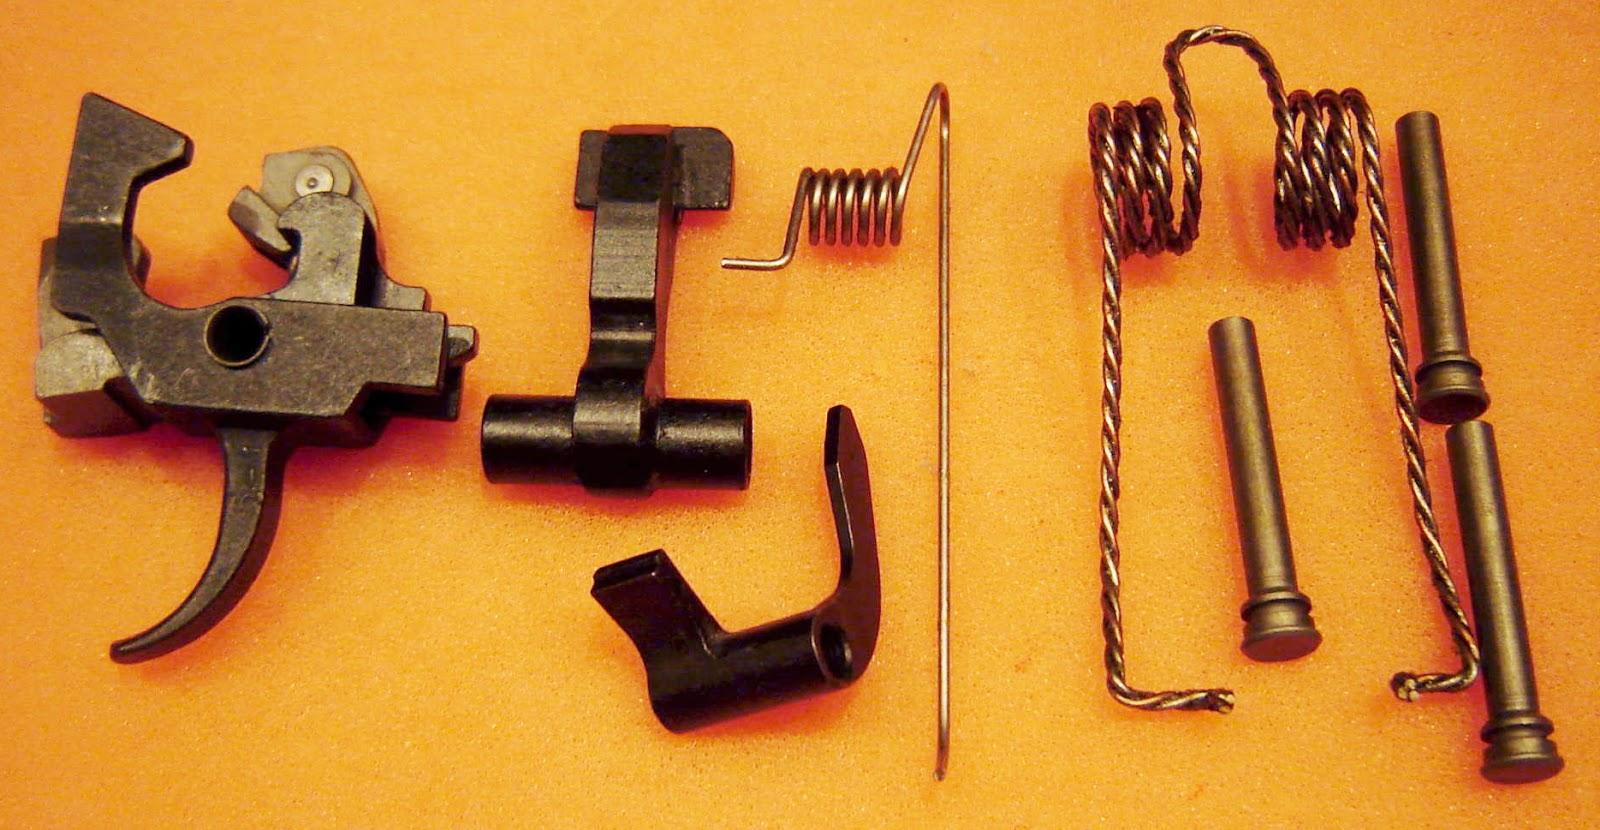 Ak Rifle Diagram Ak 47 Diagram Ak 47 Http Ammocollector Blogspot Com